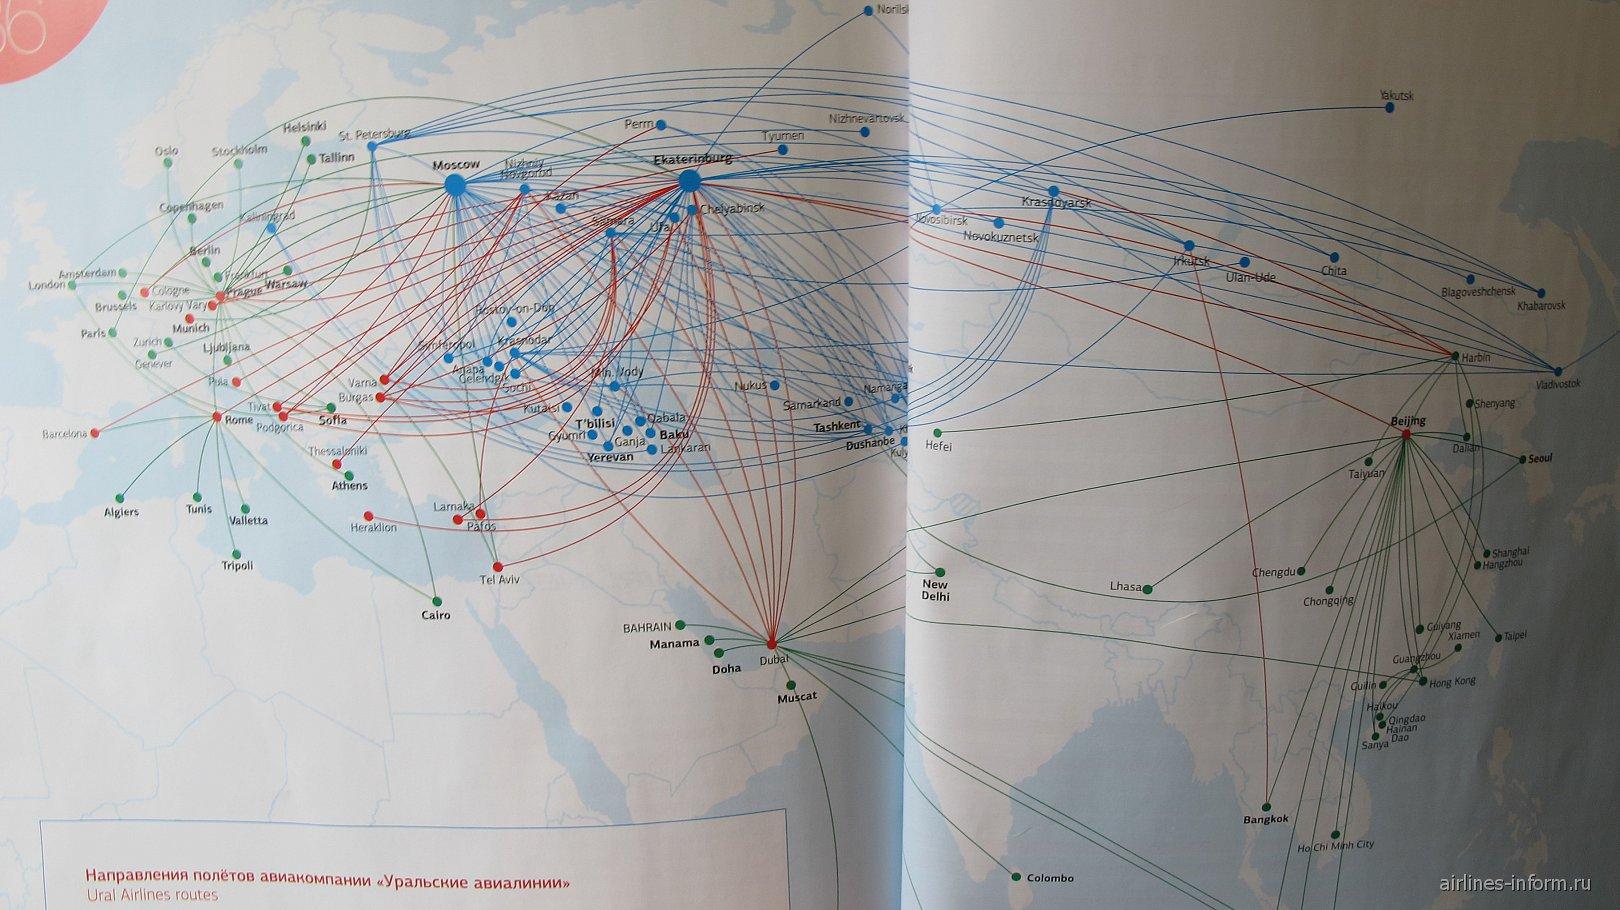 Журнал для пассажиров Уральских авиалиний